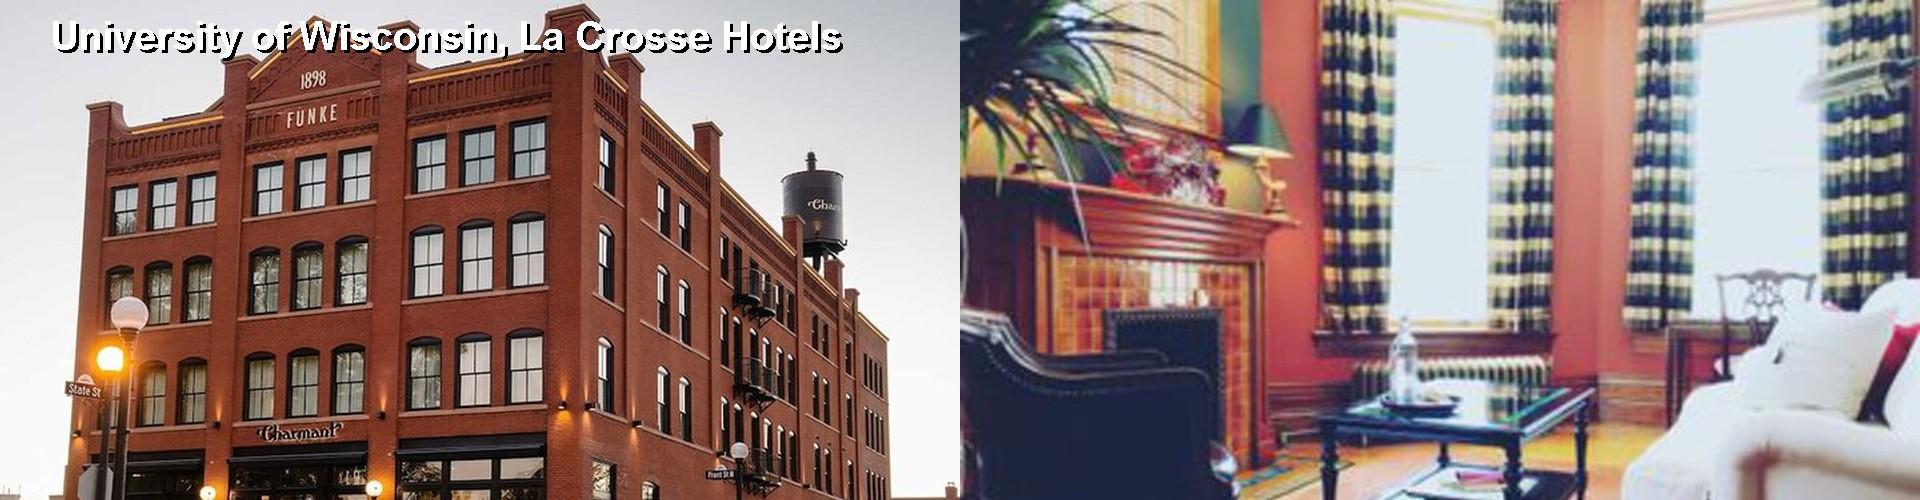 5 Best Hotels Near University Of Wisconsin La Crosse